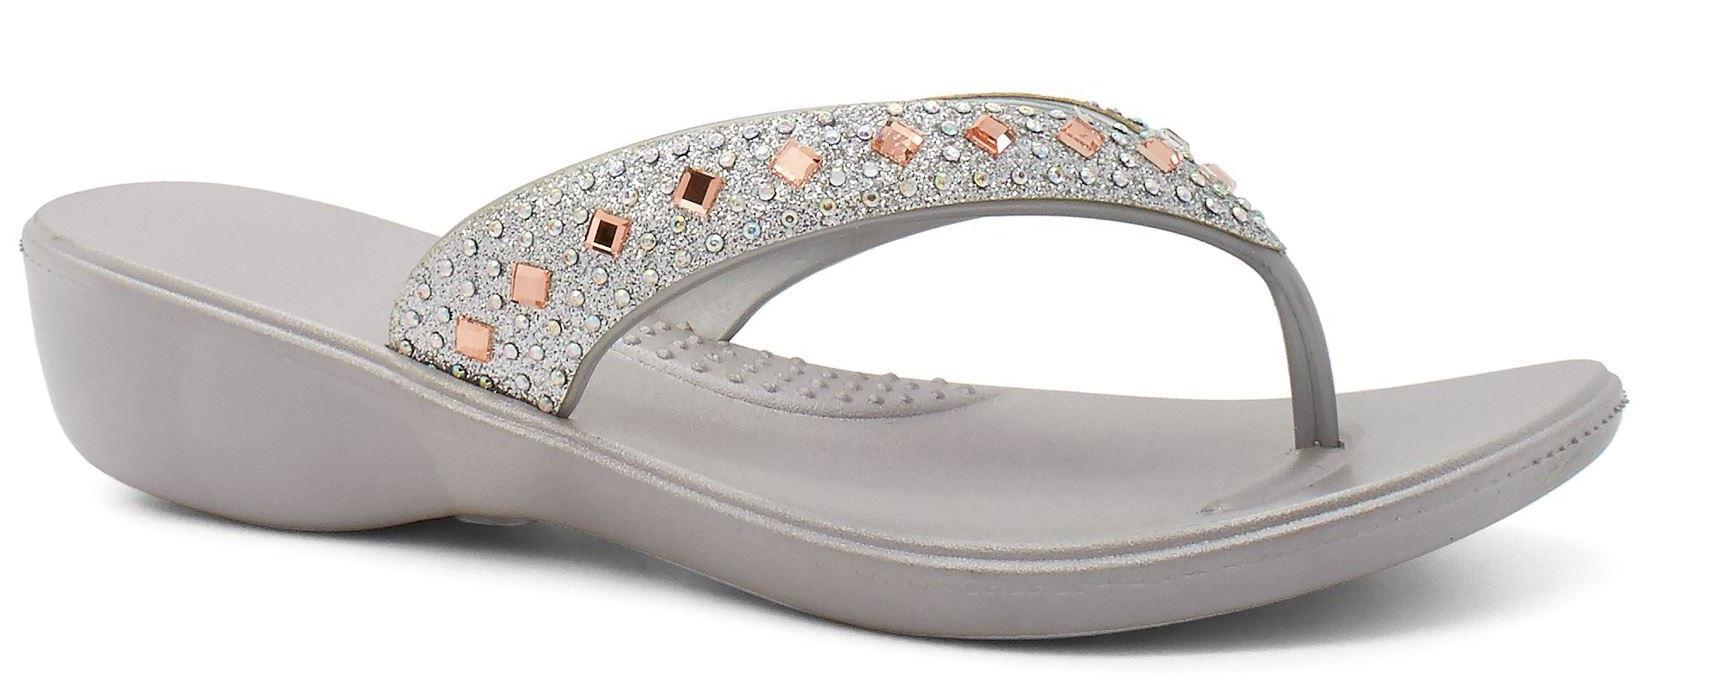 6367fbda4758a1 ... LADIES-WOMENS-LOW-HEEL-WEDGE-SUMMER-DIAMANTE-FLIP-  Ladies DUNLOP Brwon  Textured Raffia High Wedge Heel Toe Post Flip Flop Thong Mule Sandals ...